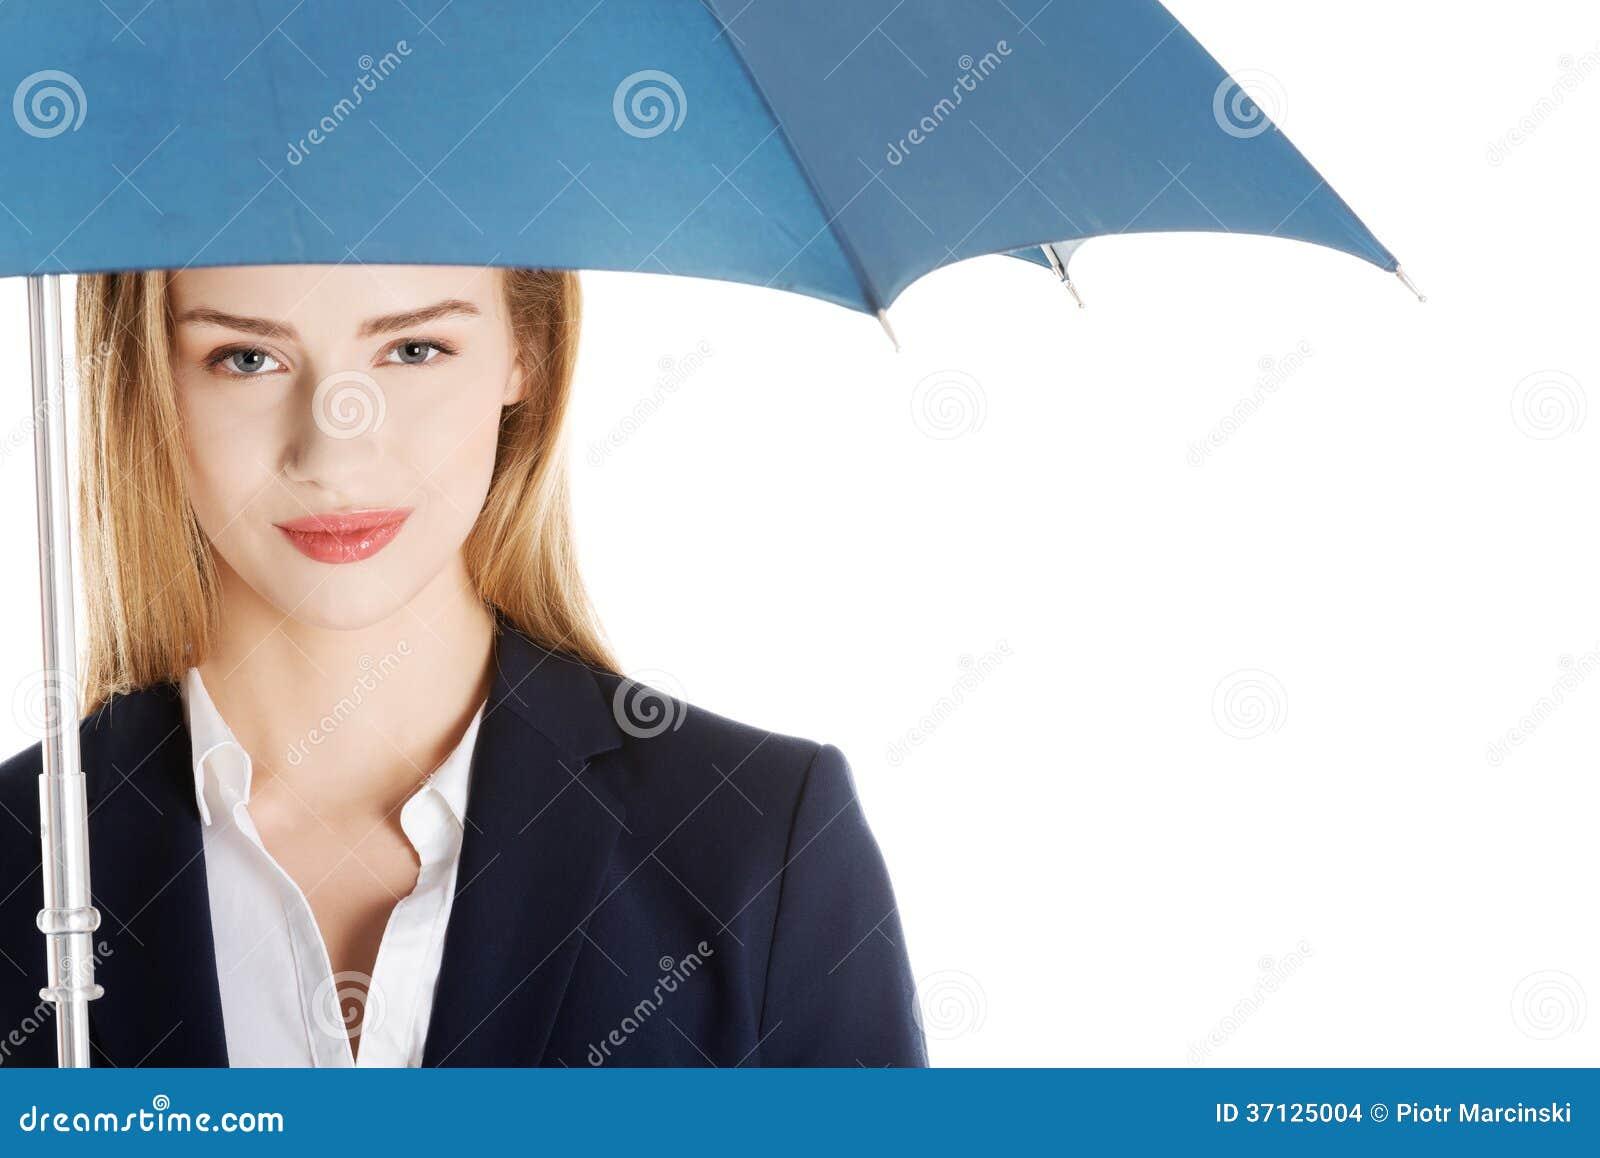 Красивая кавказская бизнес-леди стоя под зонтиком.